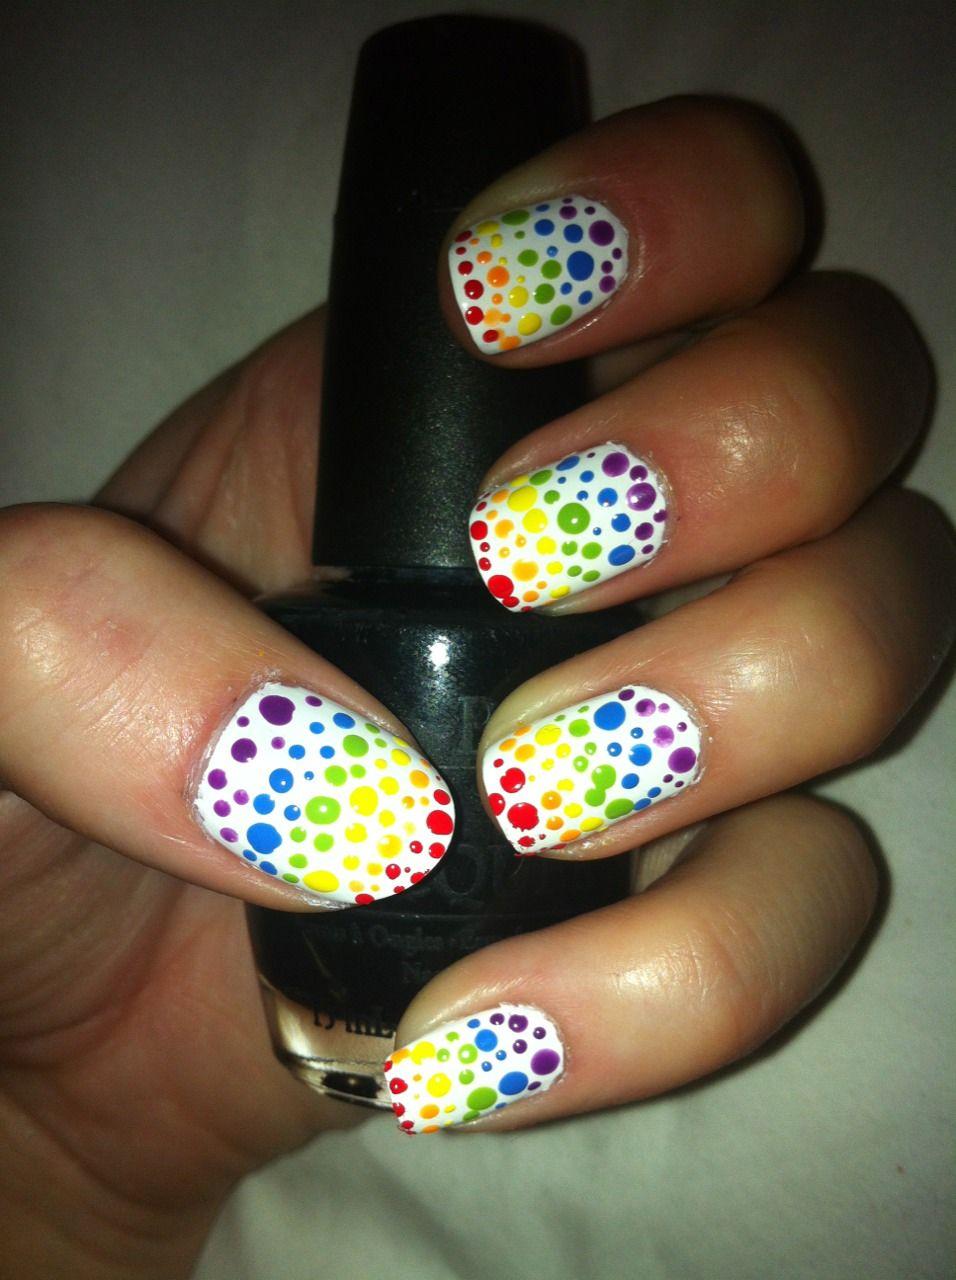 Nail designs tumblr nails pinterest make up pretty nails nail designs tumblr sciox Image collections